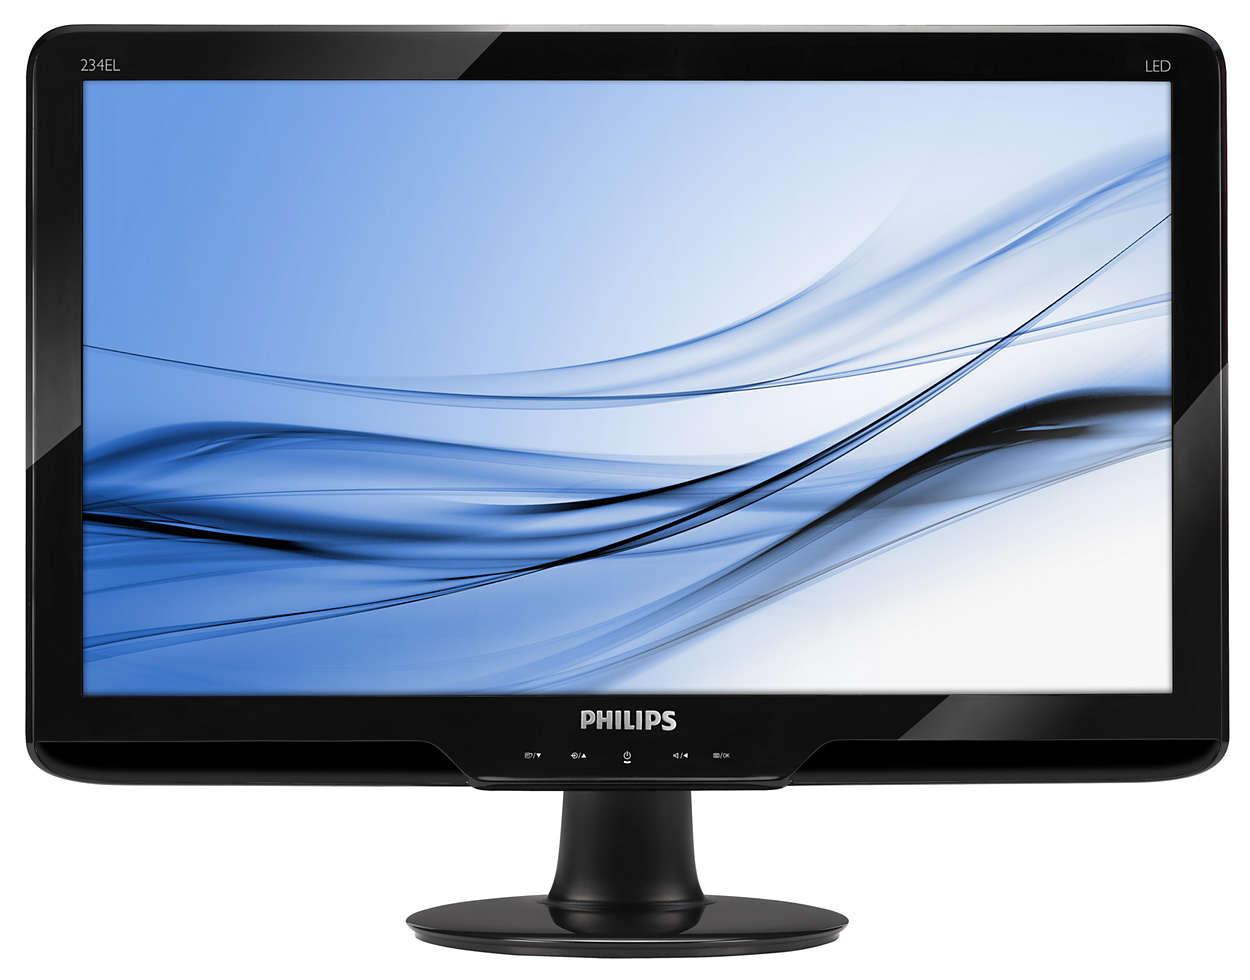 透過 HDMI LED 顯示屏提供卓越的娛樂體驗